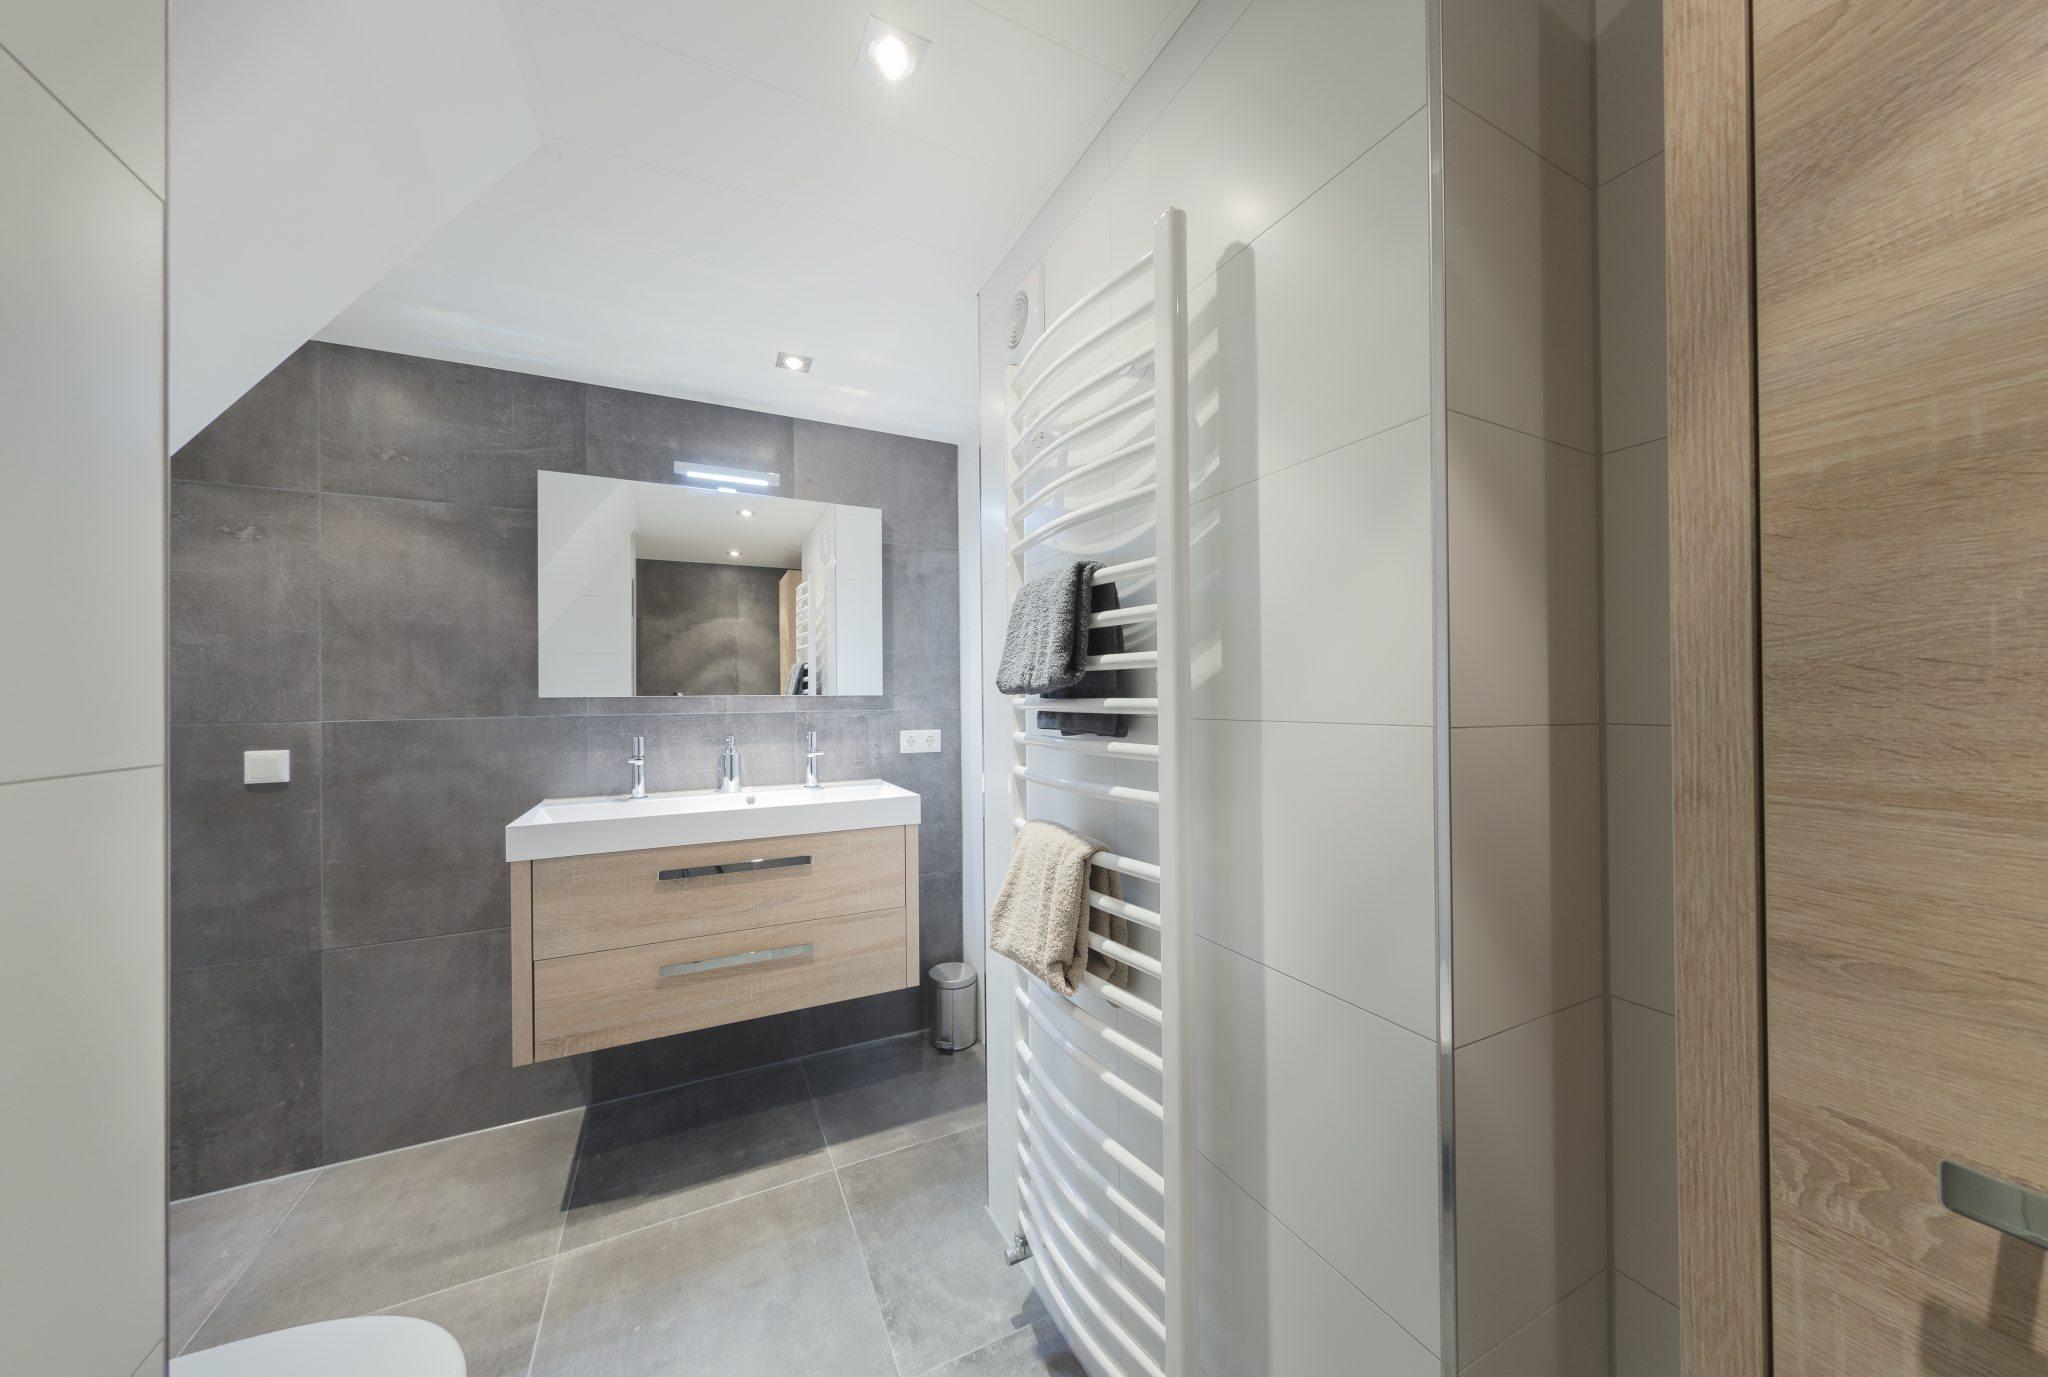 Badkamer inspiratie op doen bij badmeesters - Badkamer jaar ...